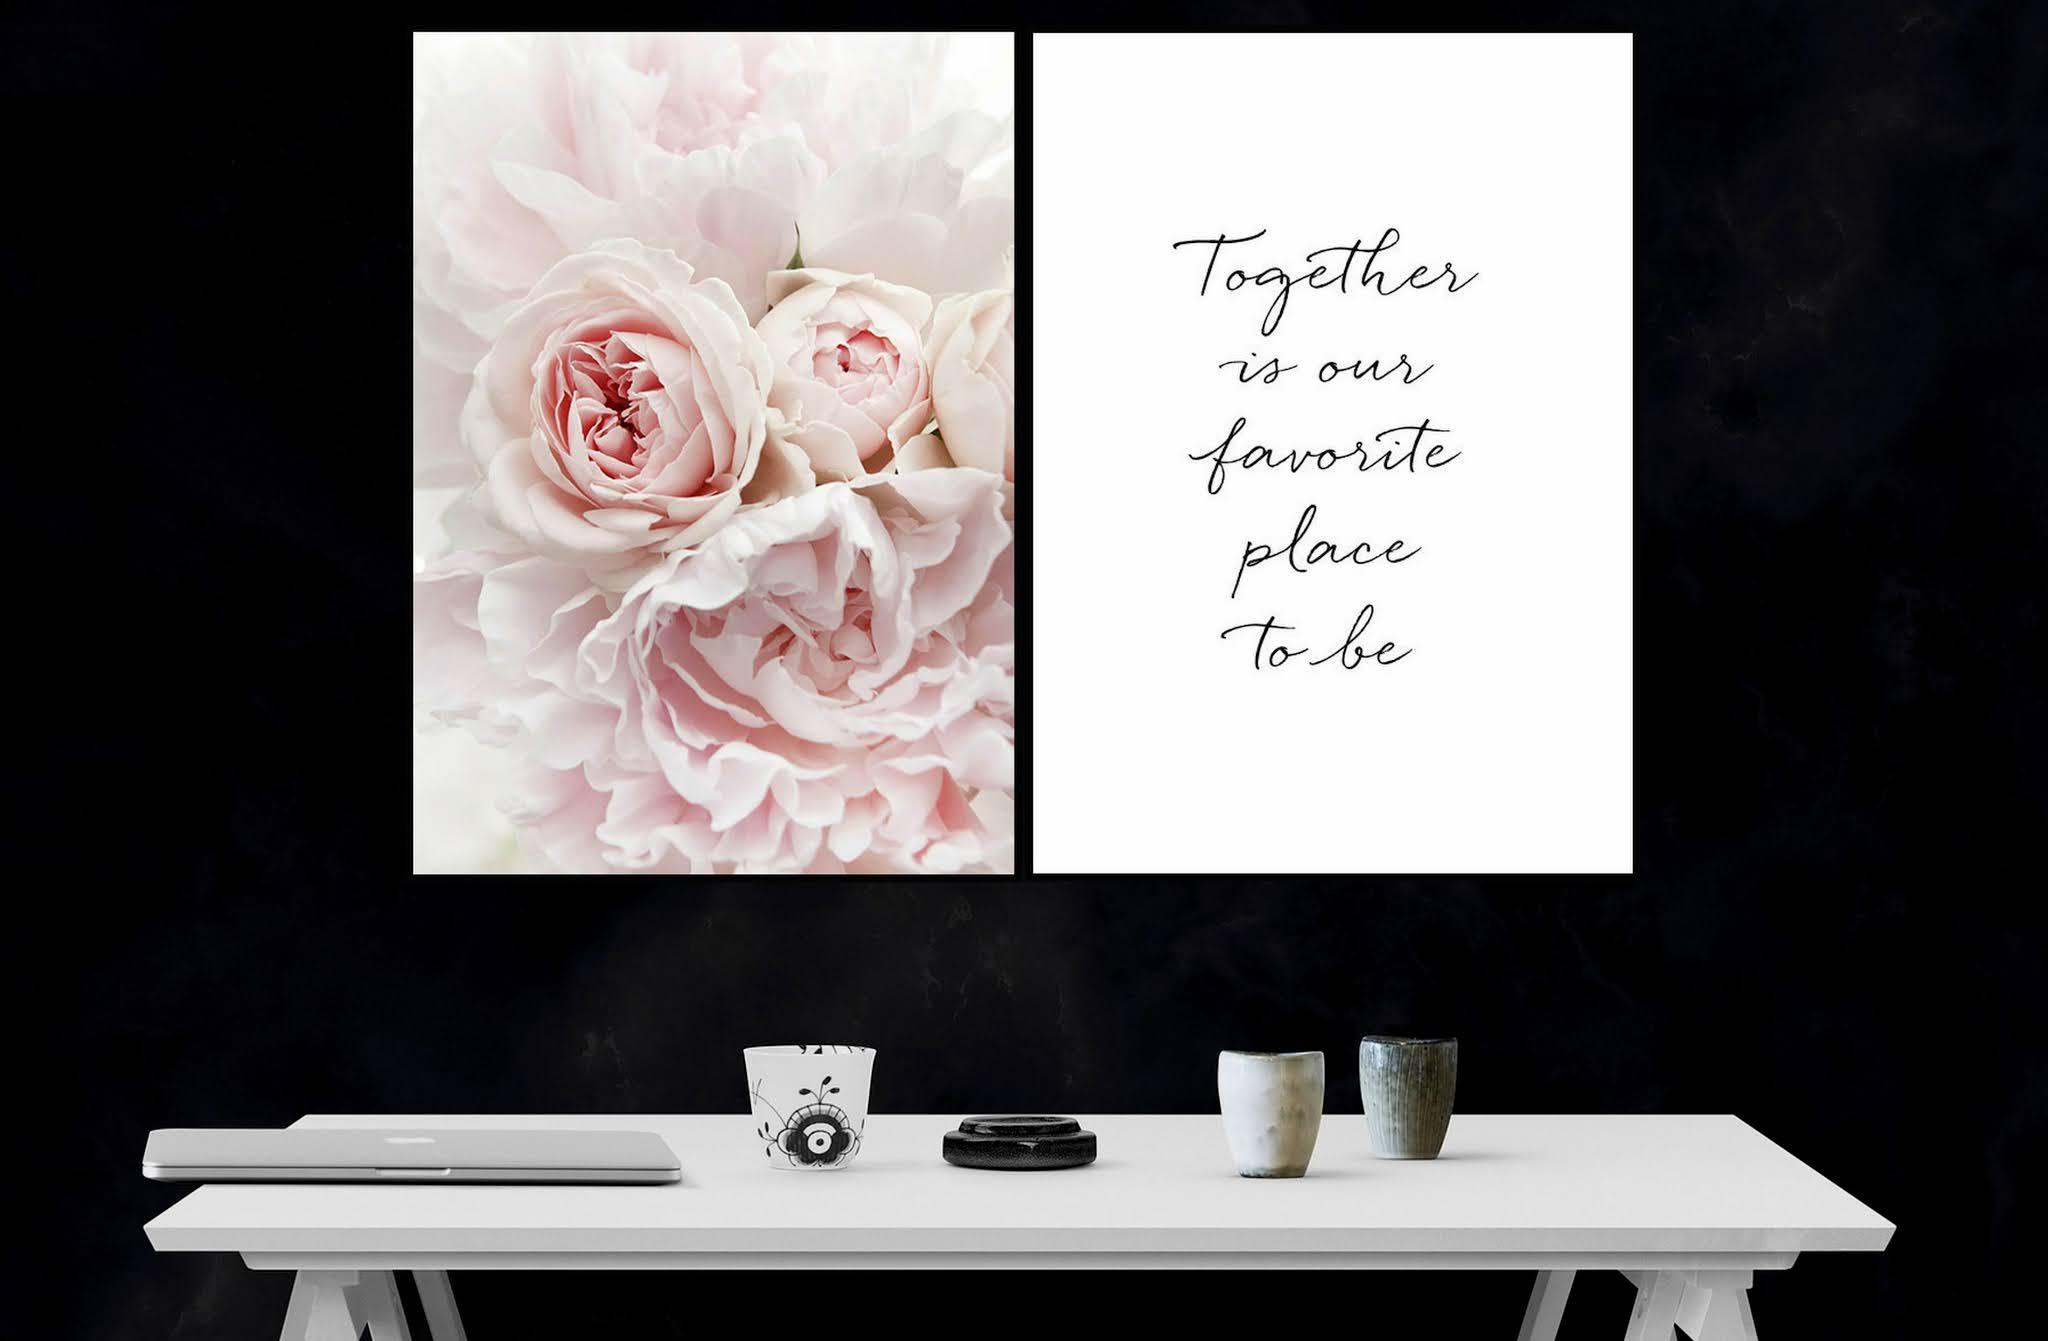 Plakaty ścienne -  udekoruj swoje wnętrza modnie, tanio i przede wszystkim w dobrym stylu! + kod rabatowy dla Was